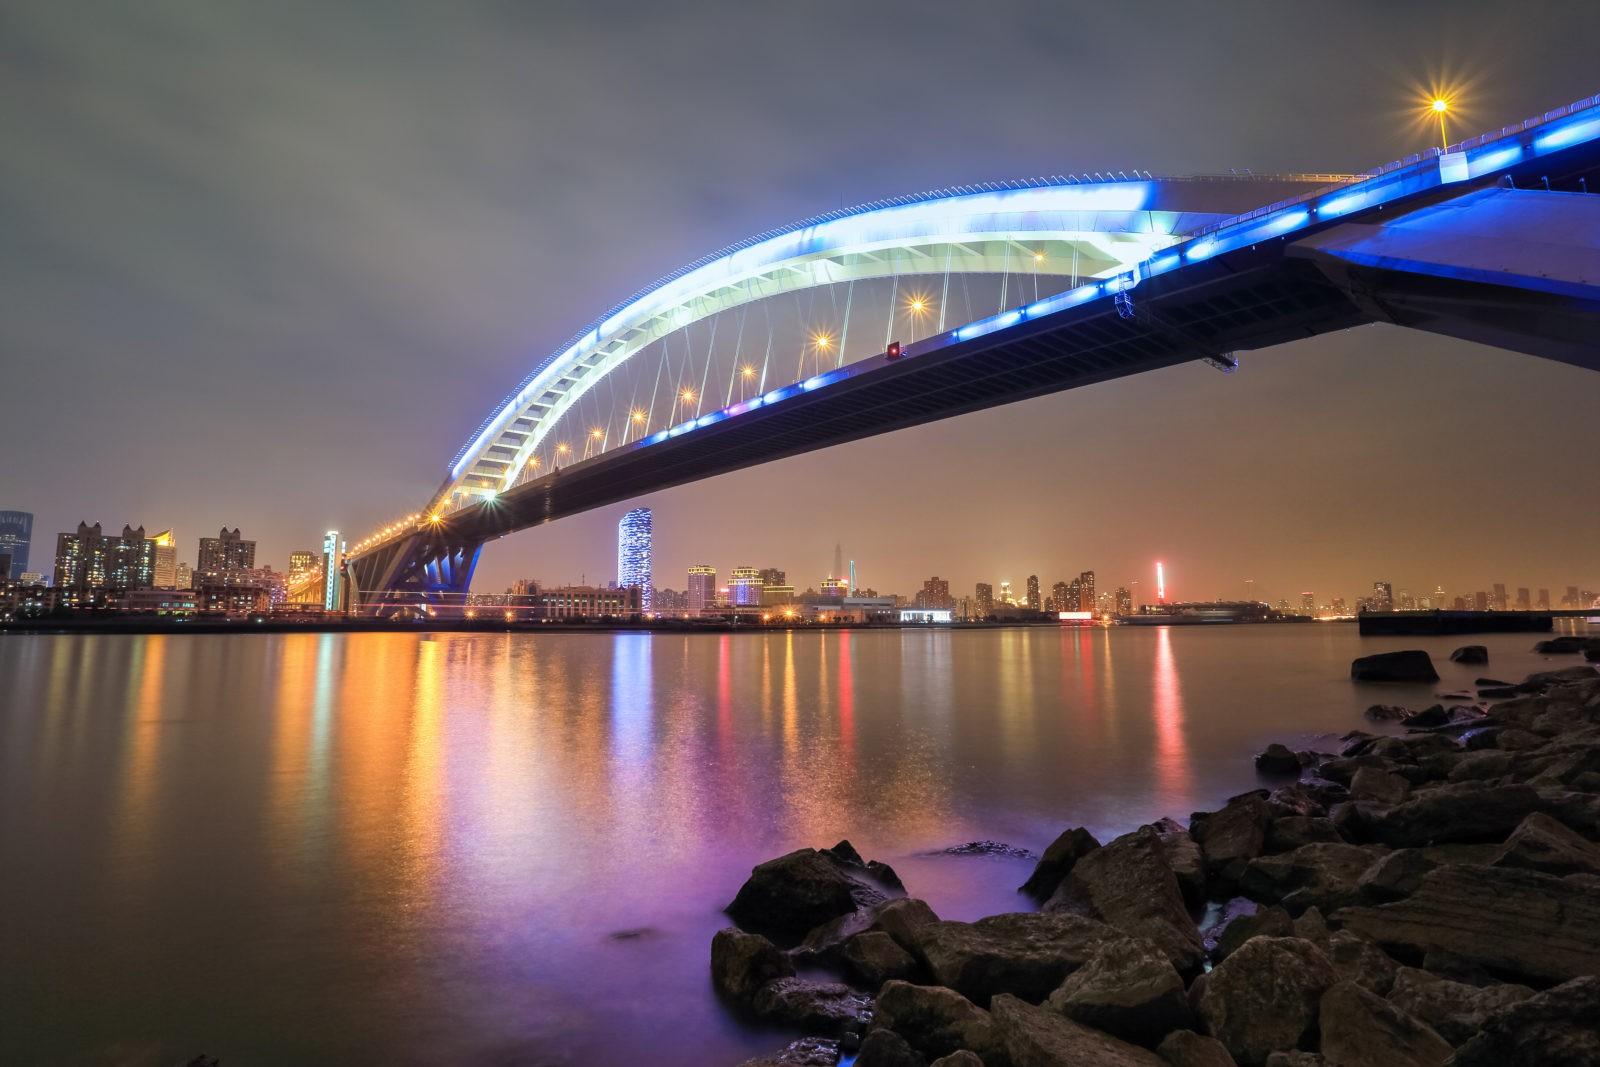 34 млн килограмм стали парят над оживленной рекой Хуанпу